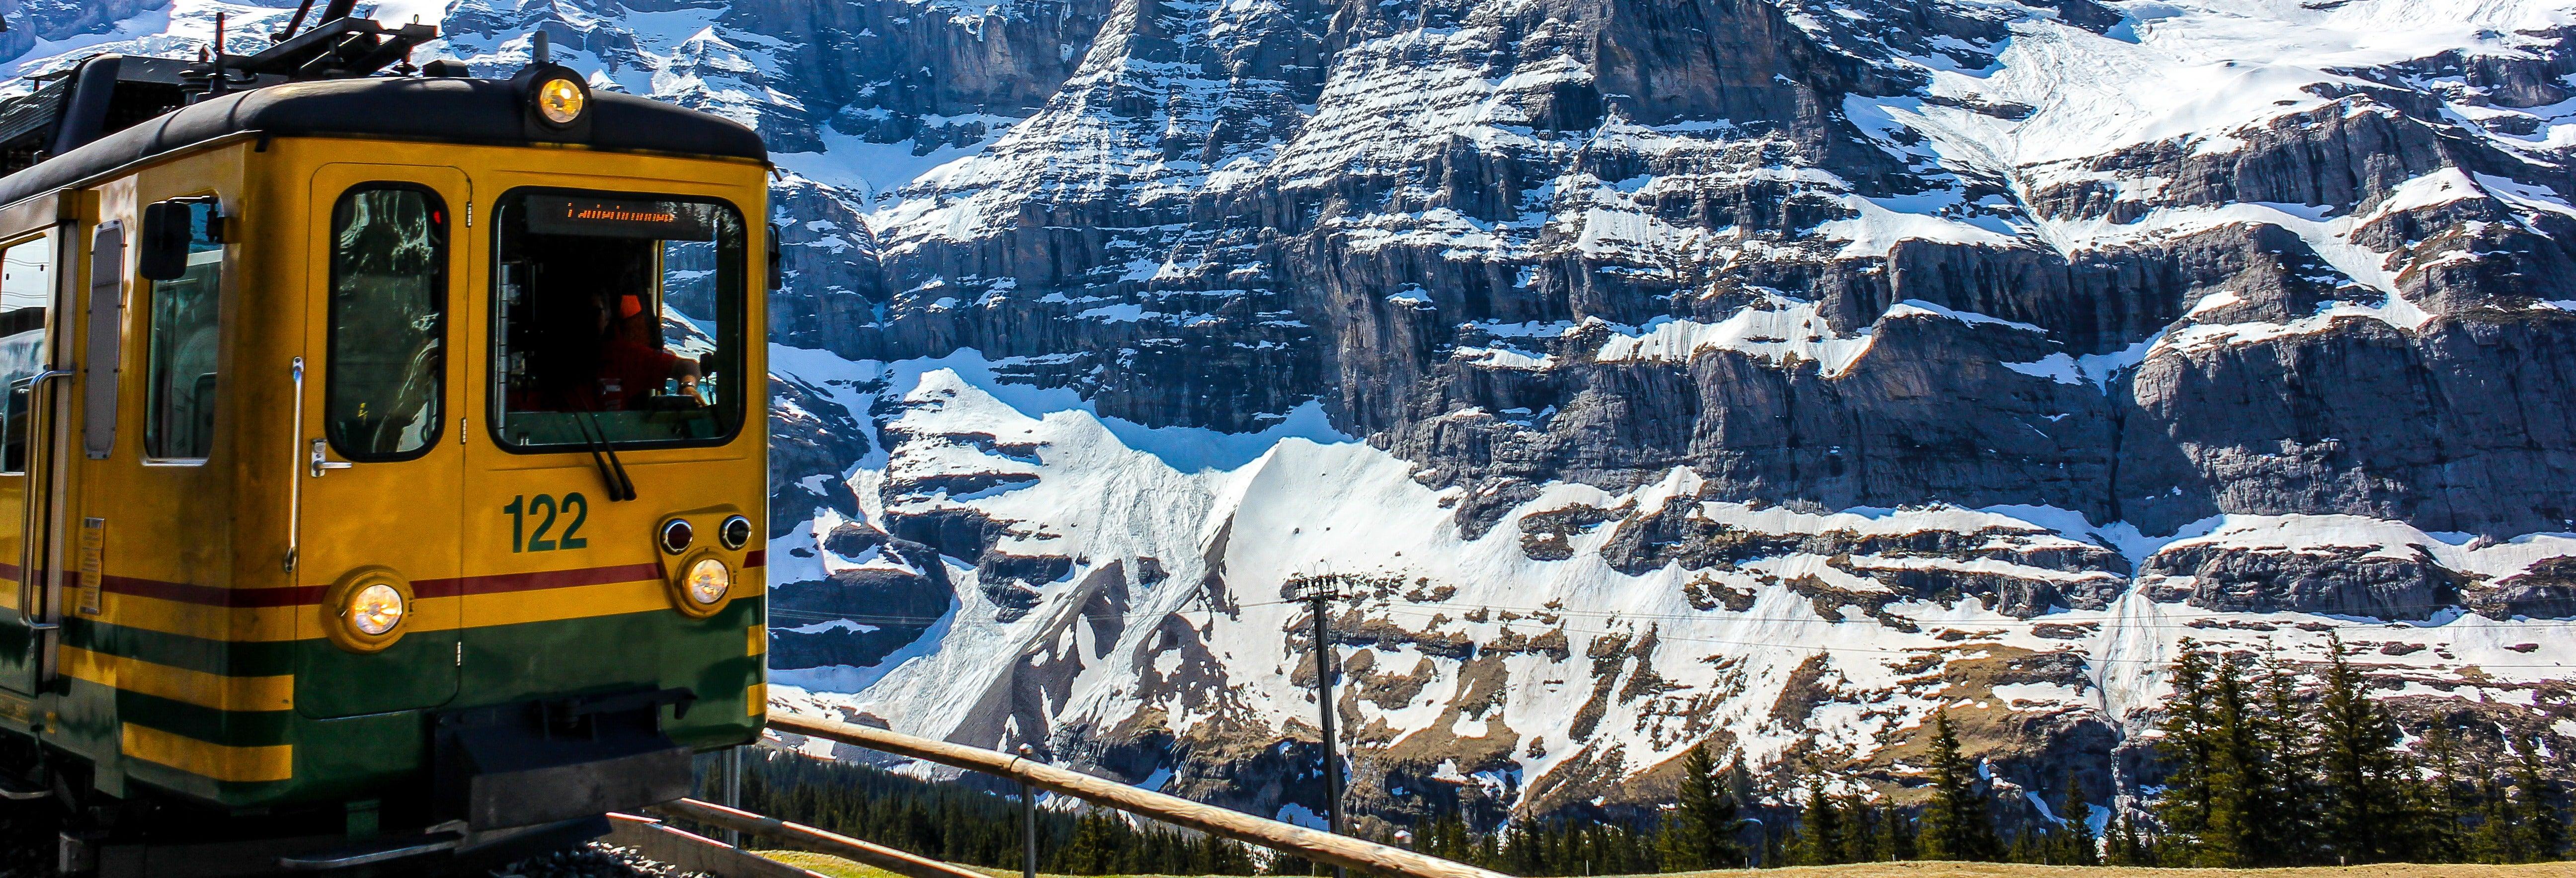 Escursione al Jungfraujoch